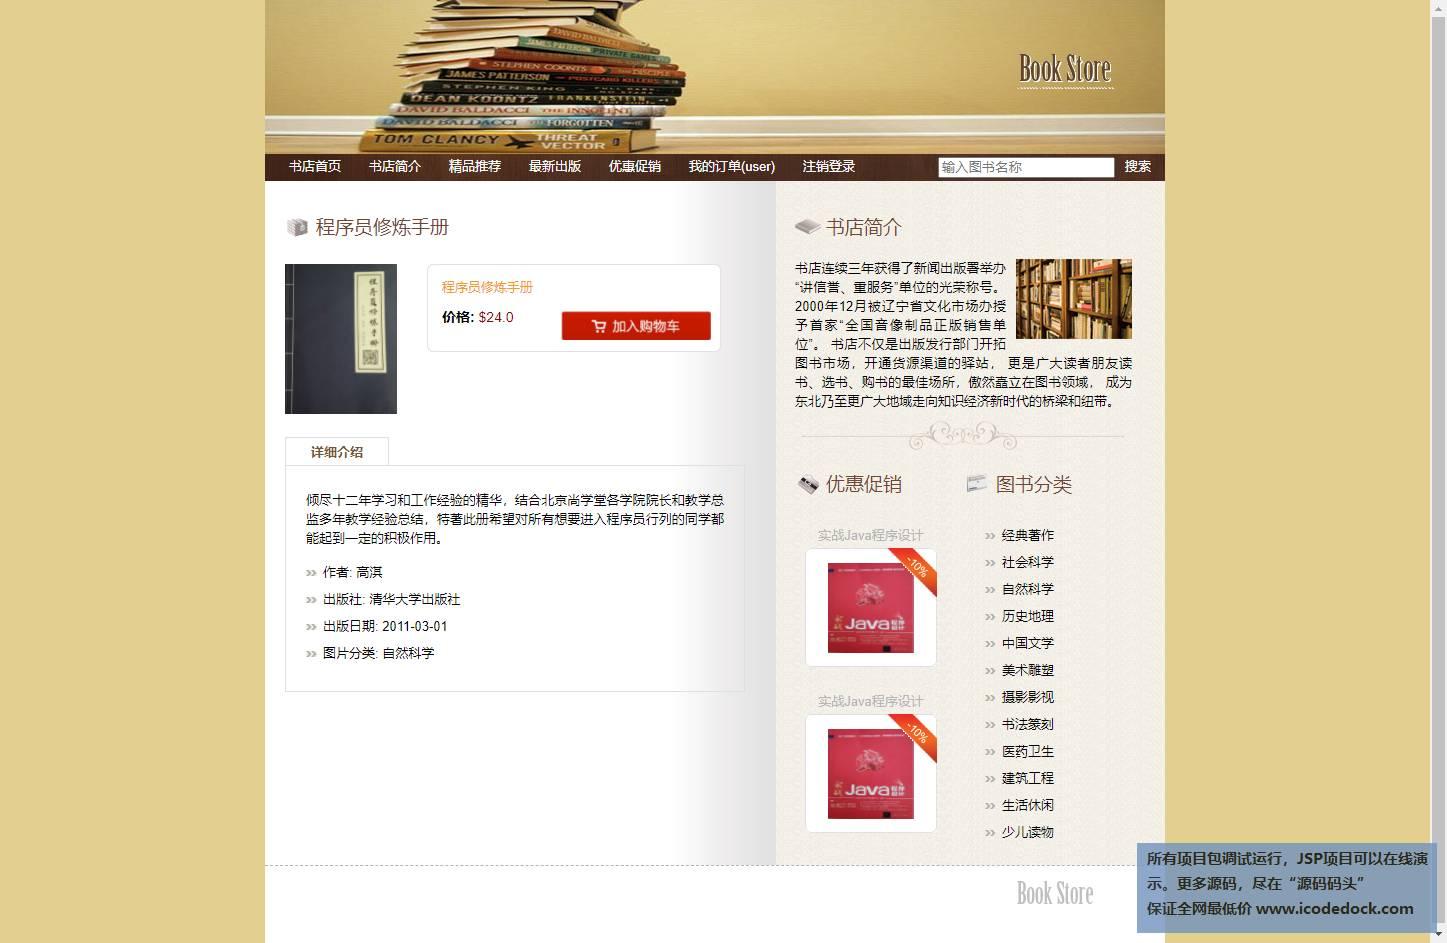 源码码头-SSH实现一个图书销售商场项目网站-用户角色-查看图书详情